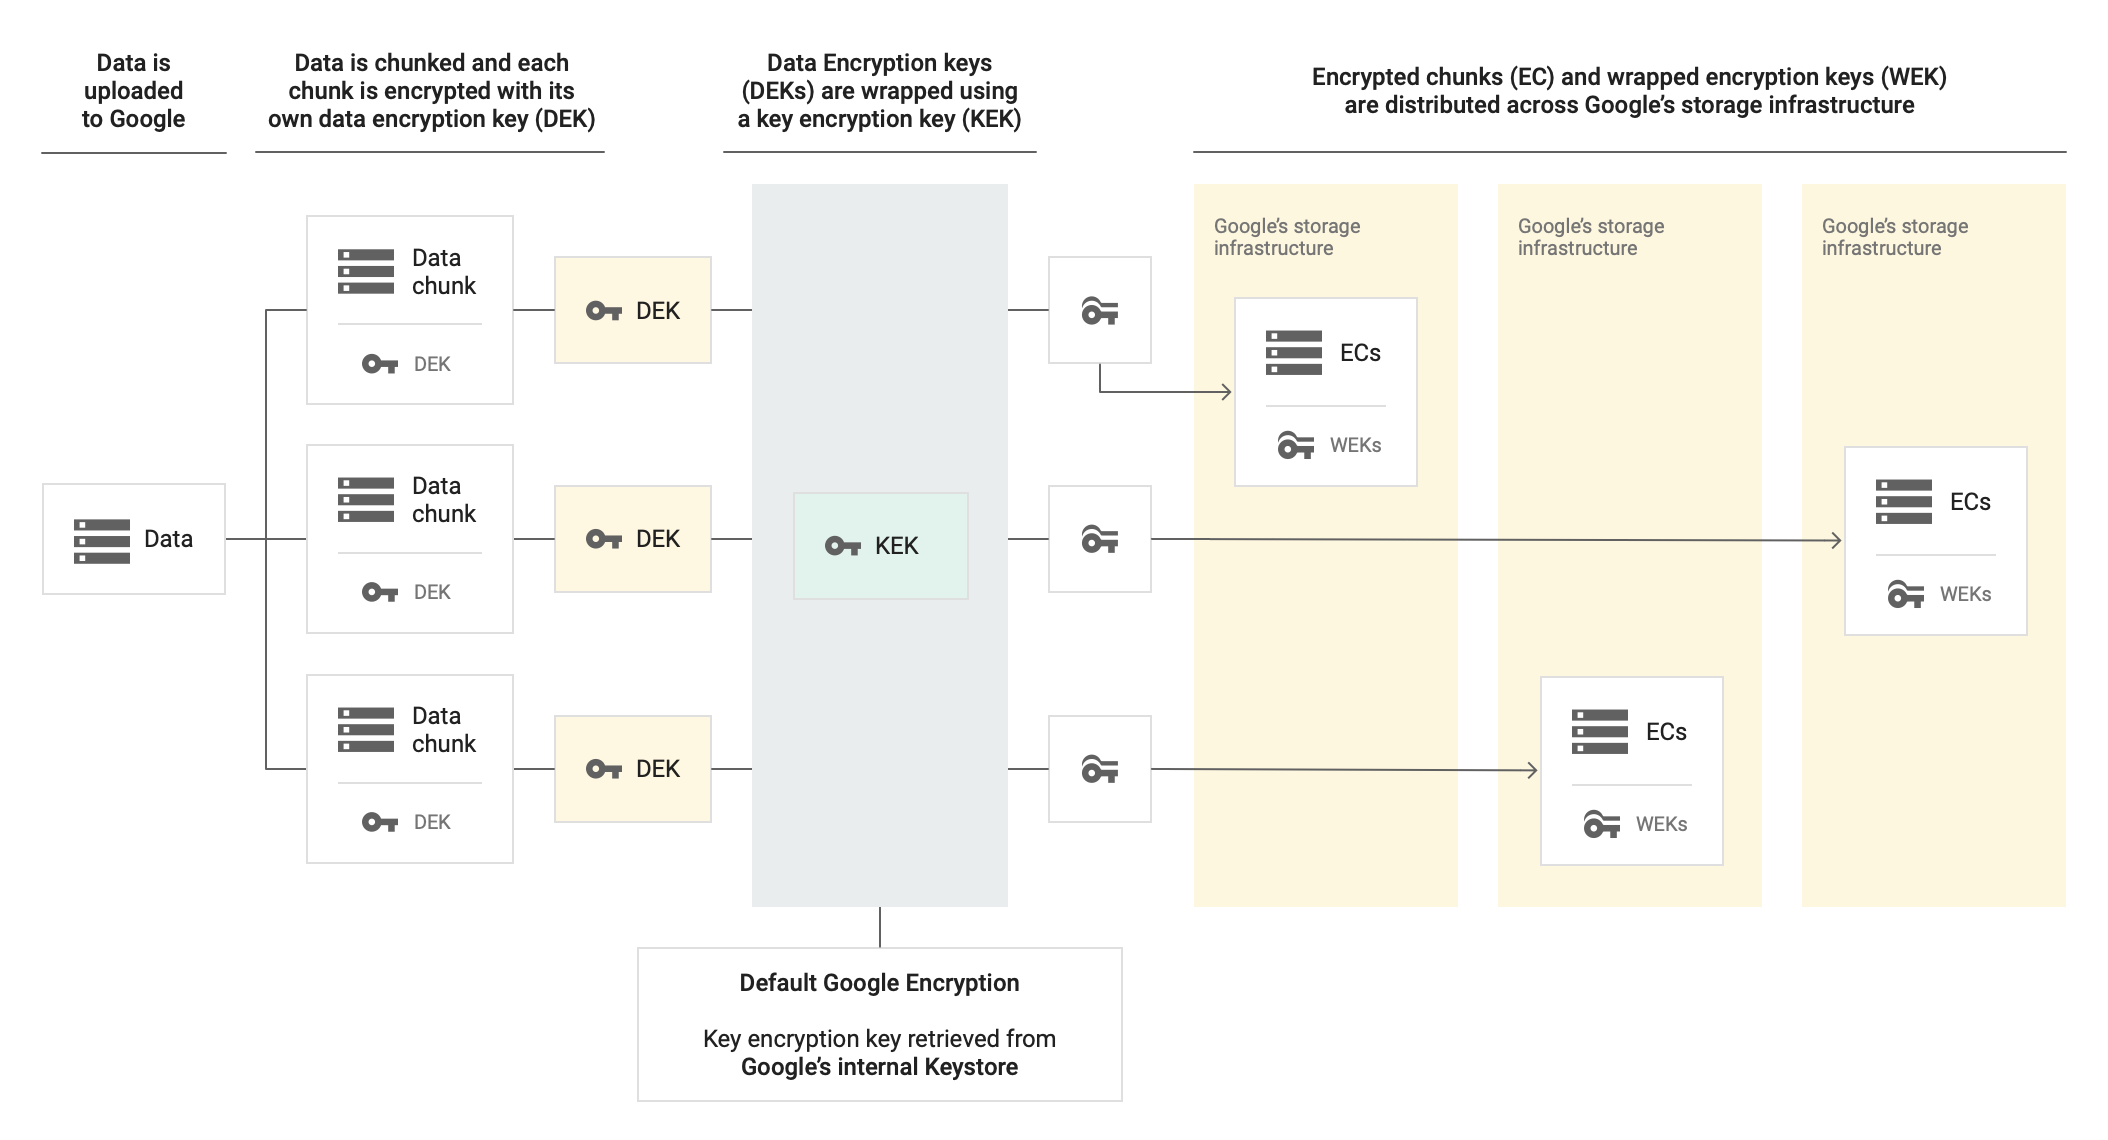 数据会上传到 Google,然后进行分块,每个区块使用自己的数据加密密钥进行加密。数据加密密钥使用密钥加密密钥进行封装。如果使用默认 Google 加密,系统会从 Google 的内部密钥库检索密钥加密密钥。加密的区块和封装的加密密钥分布在 Google 的存储基础架构中。